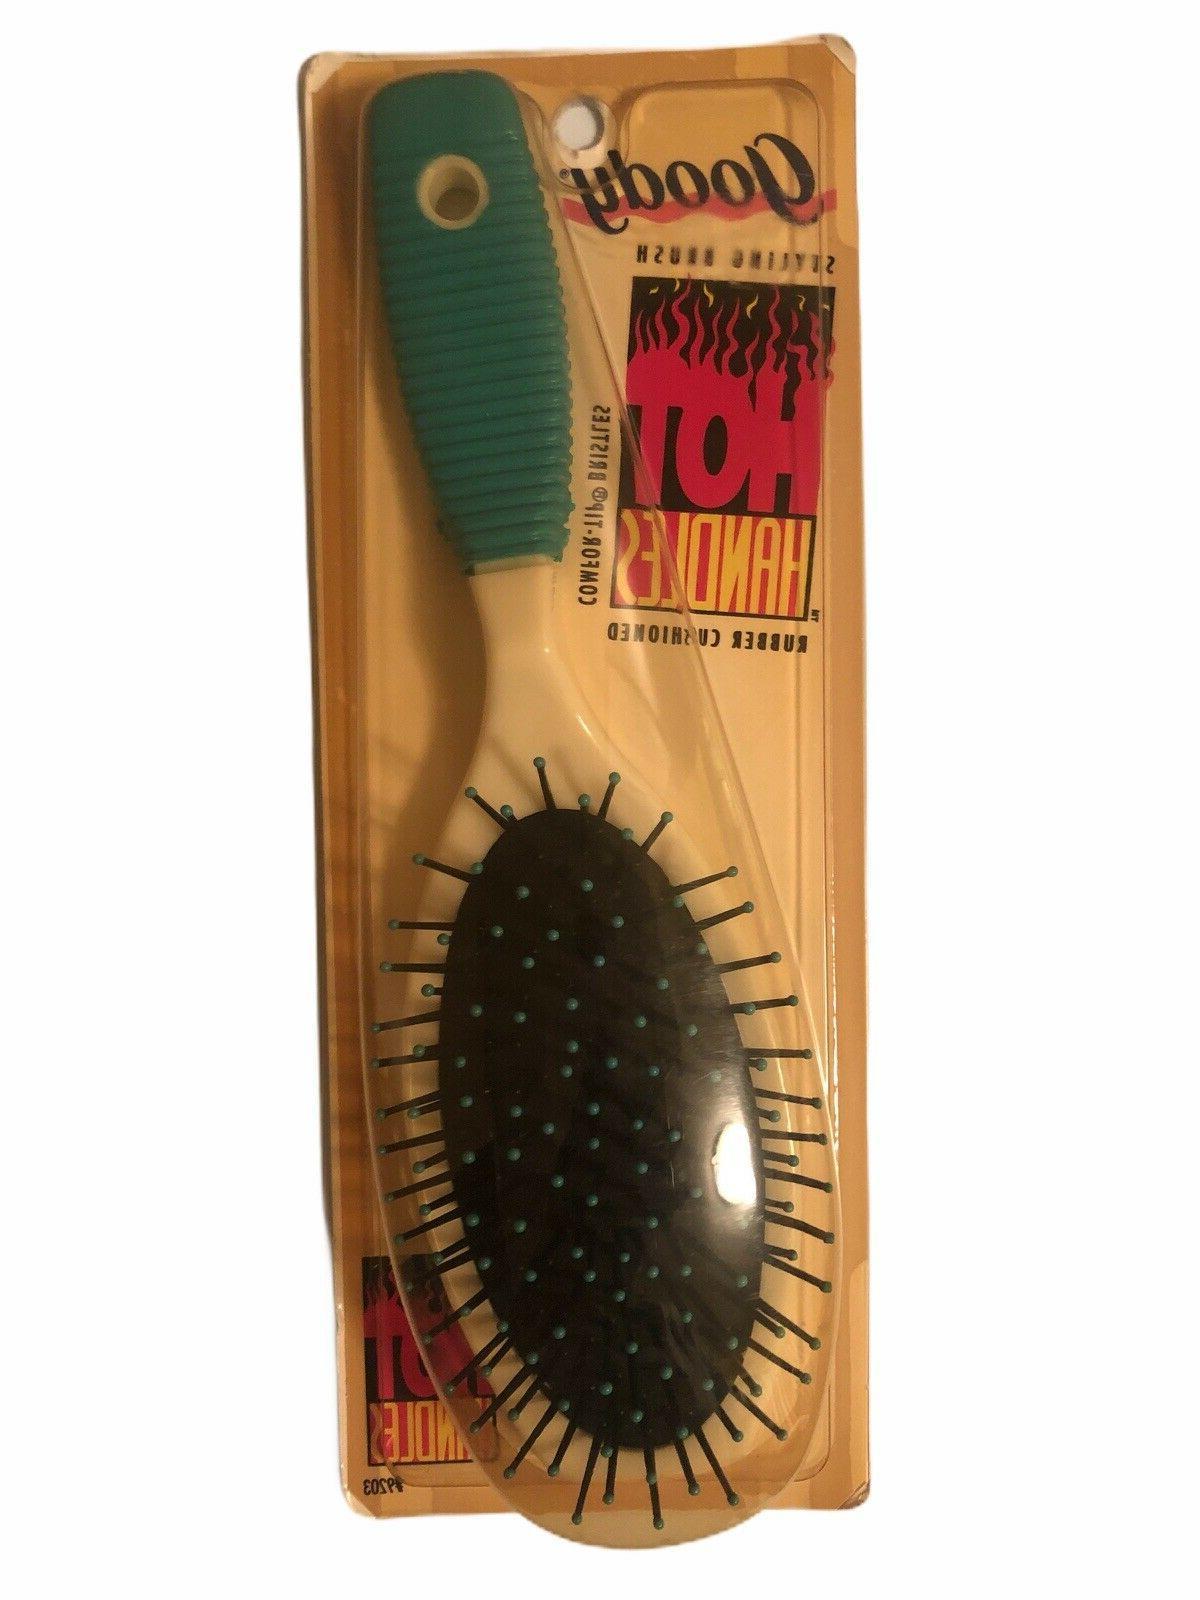 Goody Vent Styler Hair Brush Green White Vintage 1999